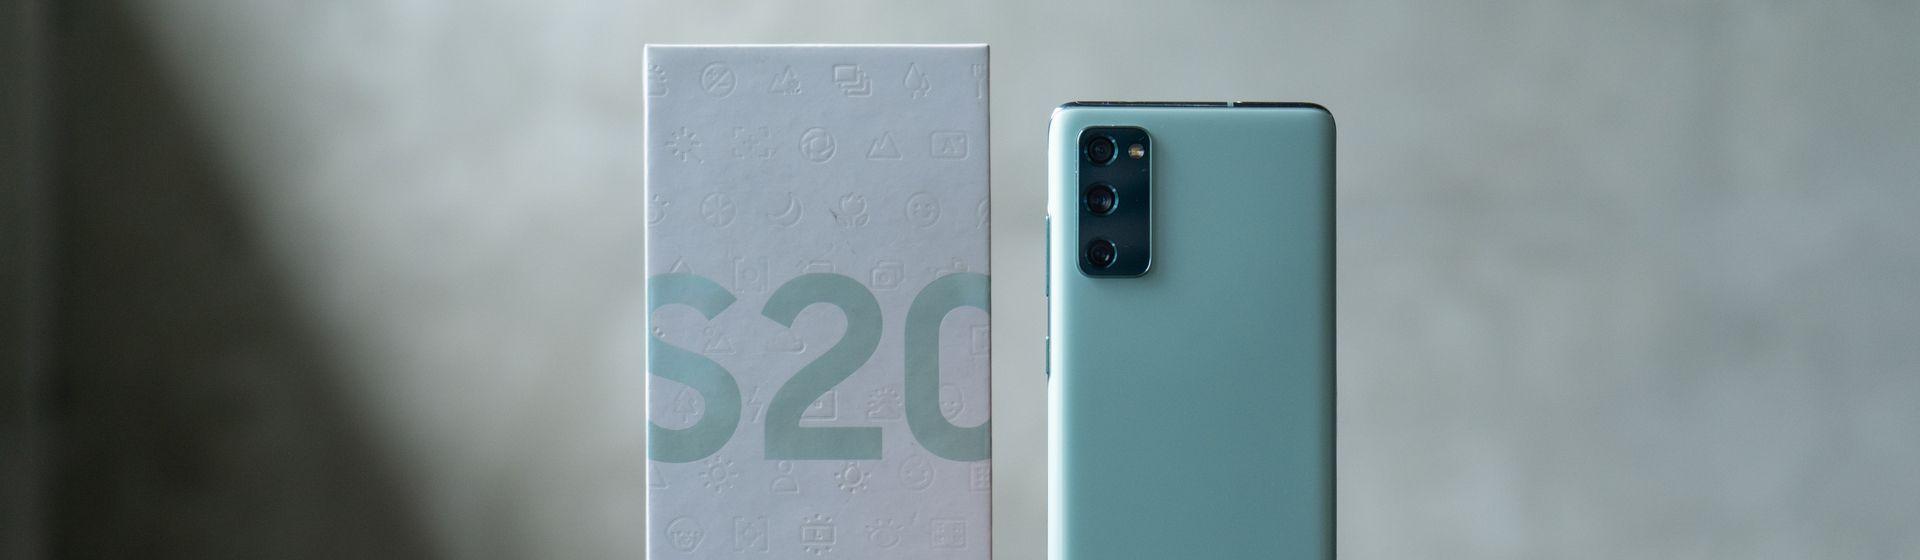 Celular Samsung 128GB: as melhores opções de aparelhos em 2021